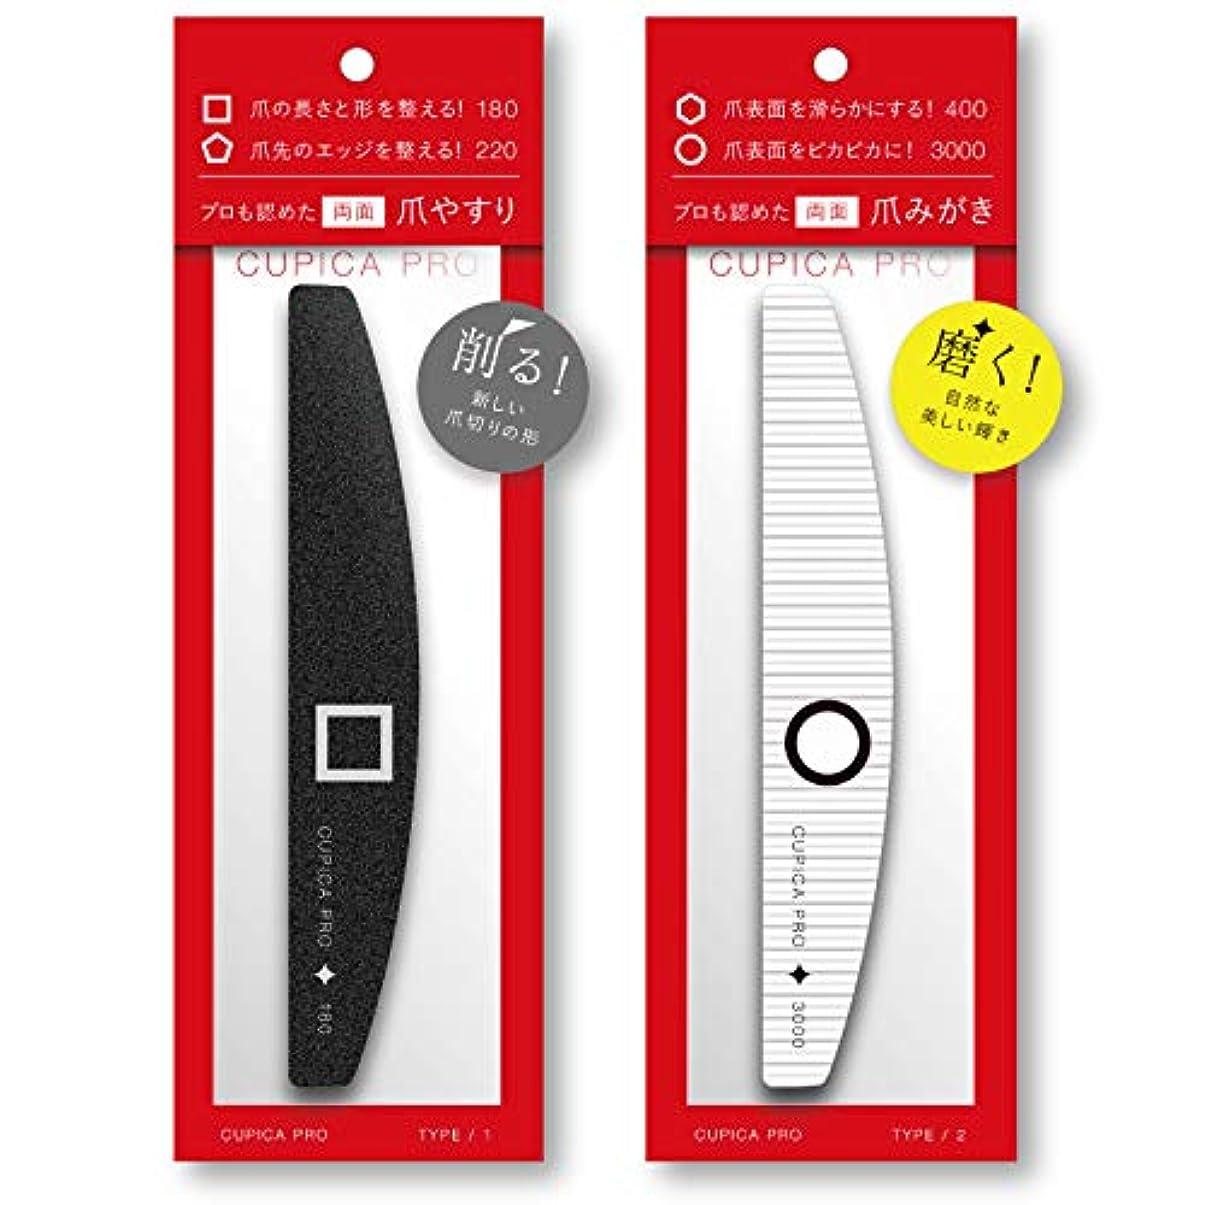 つぶやきレイプ背景アリーナ キュピカPRO セット コンビファイル ネイルシャイナー 爪やすり 爪磨き ネイルケアセット 2点セット